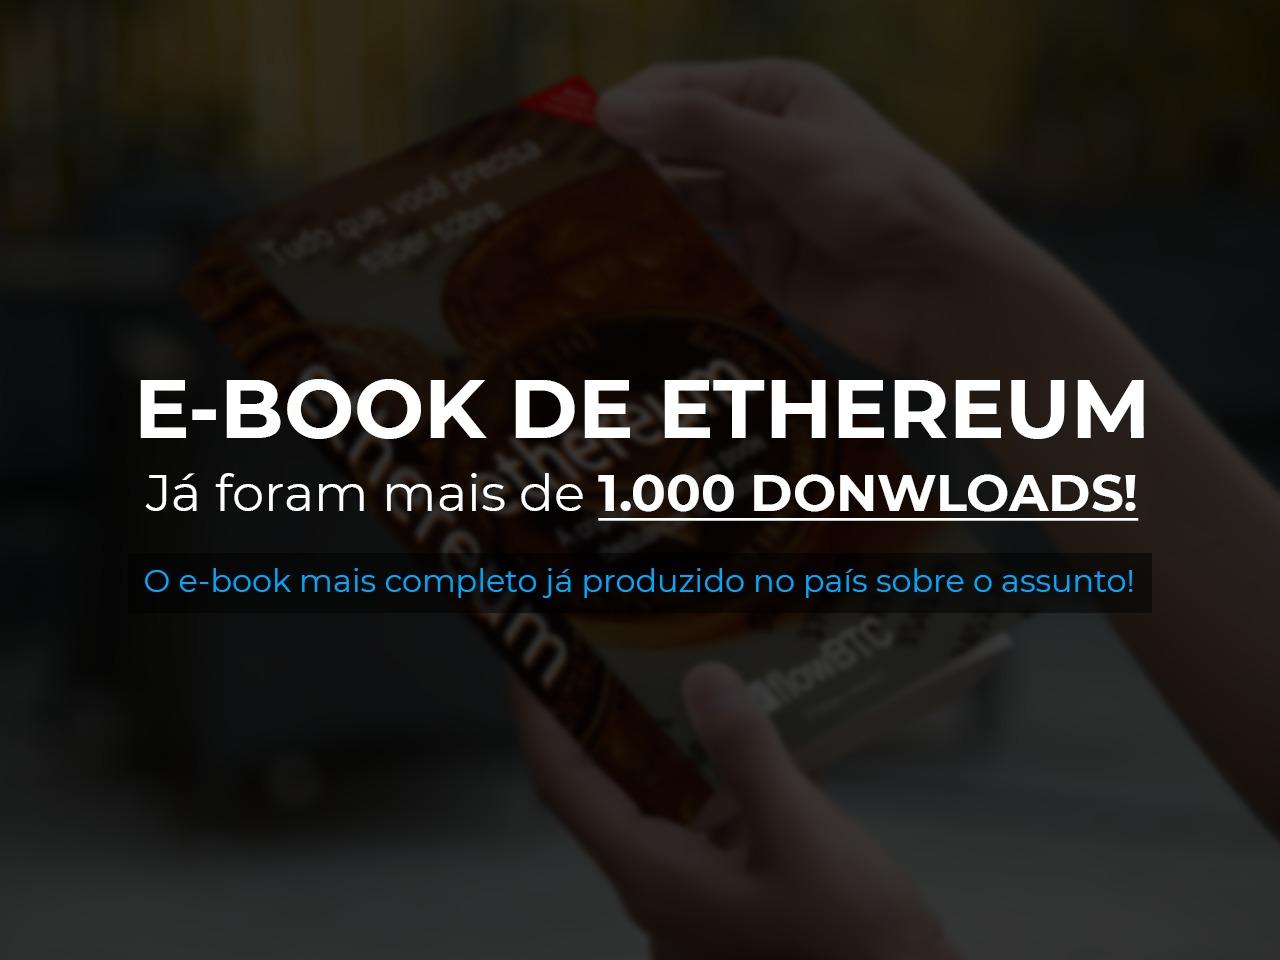 livro sobre ethereum grátis